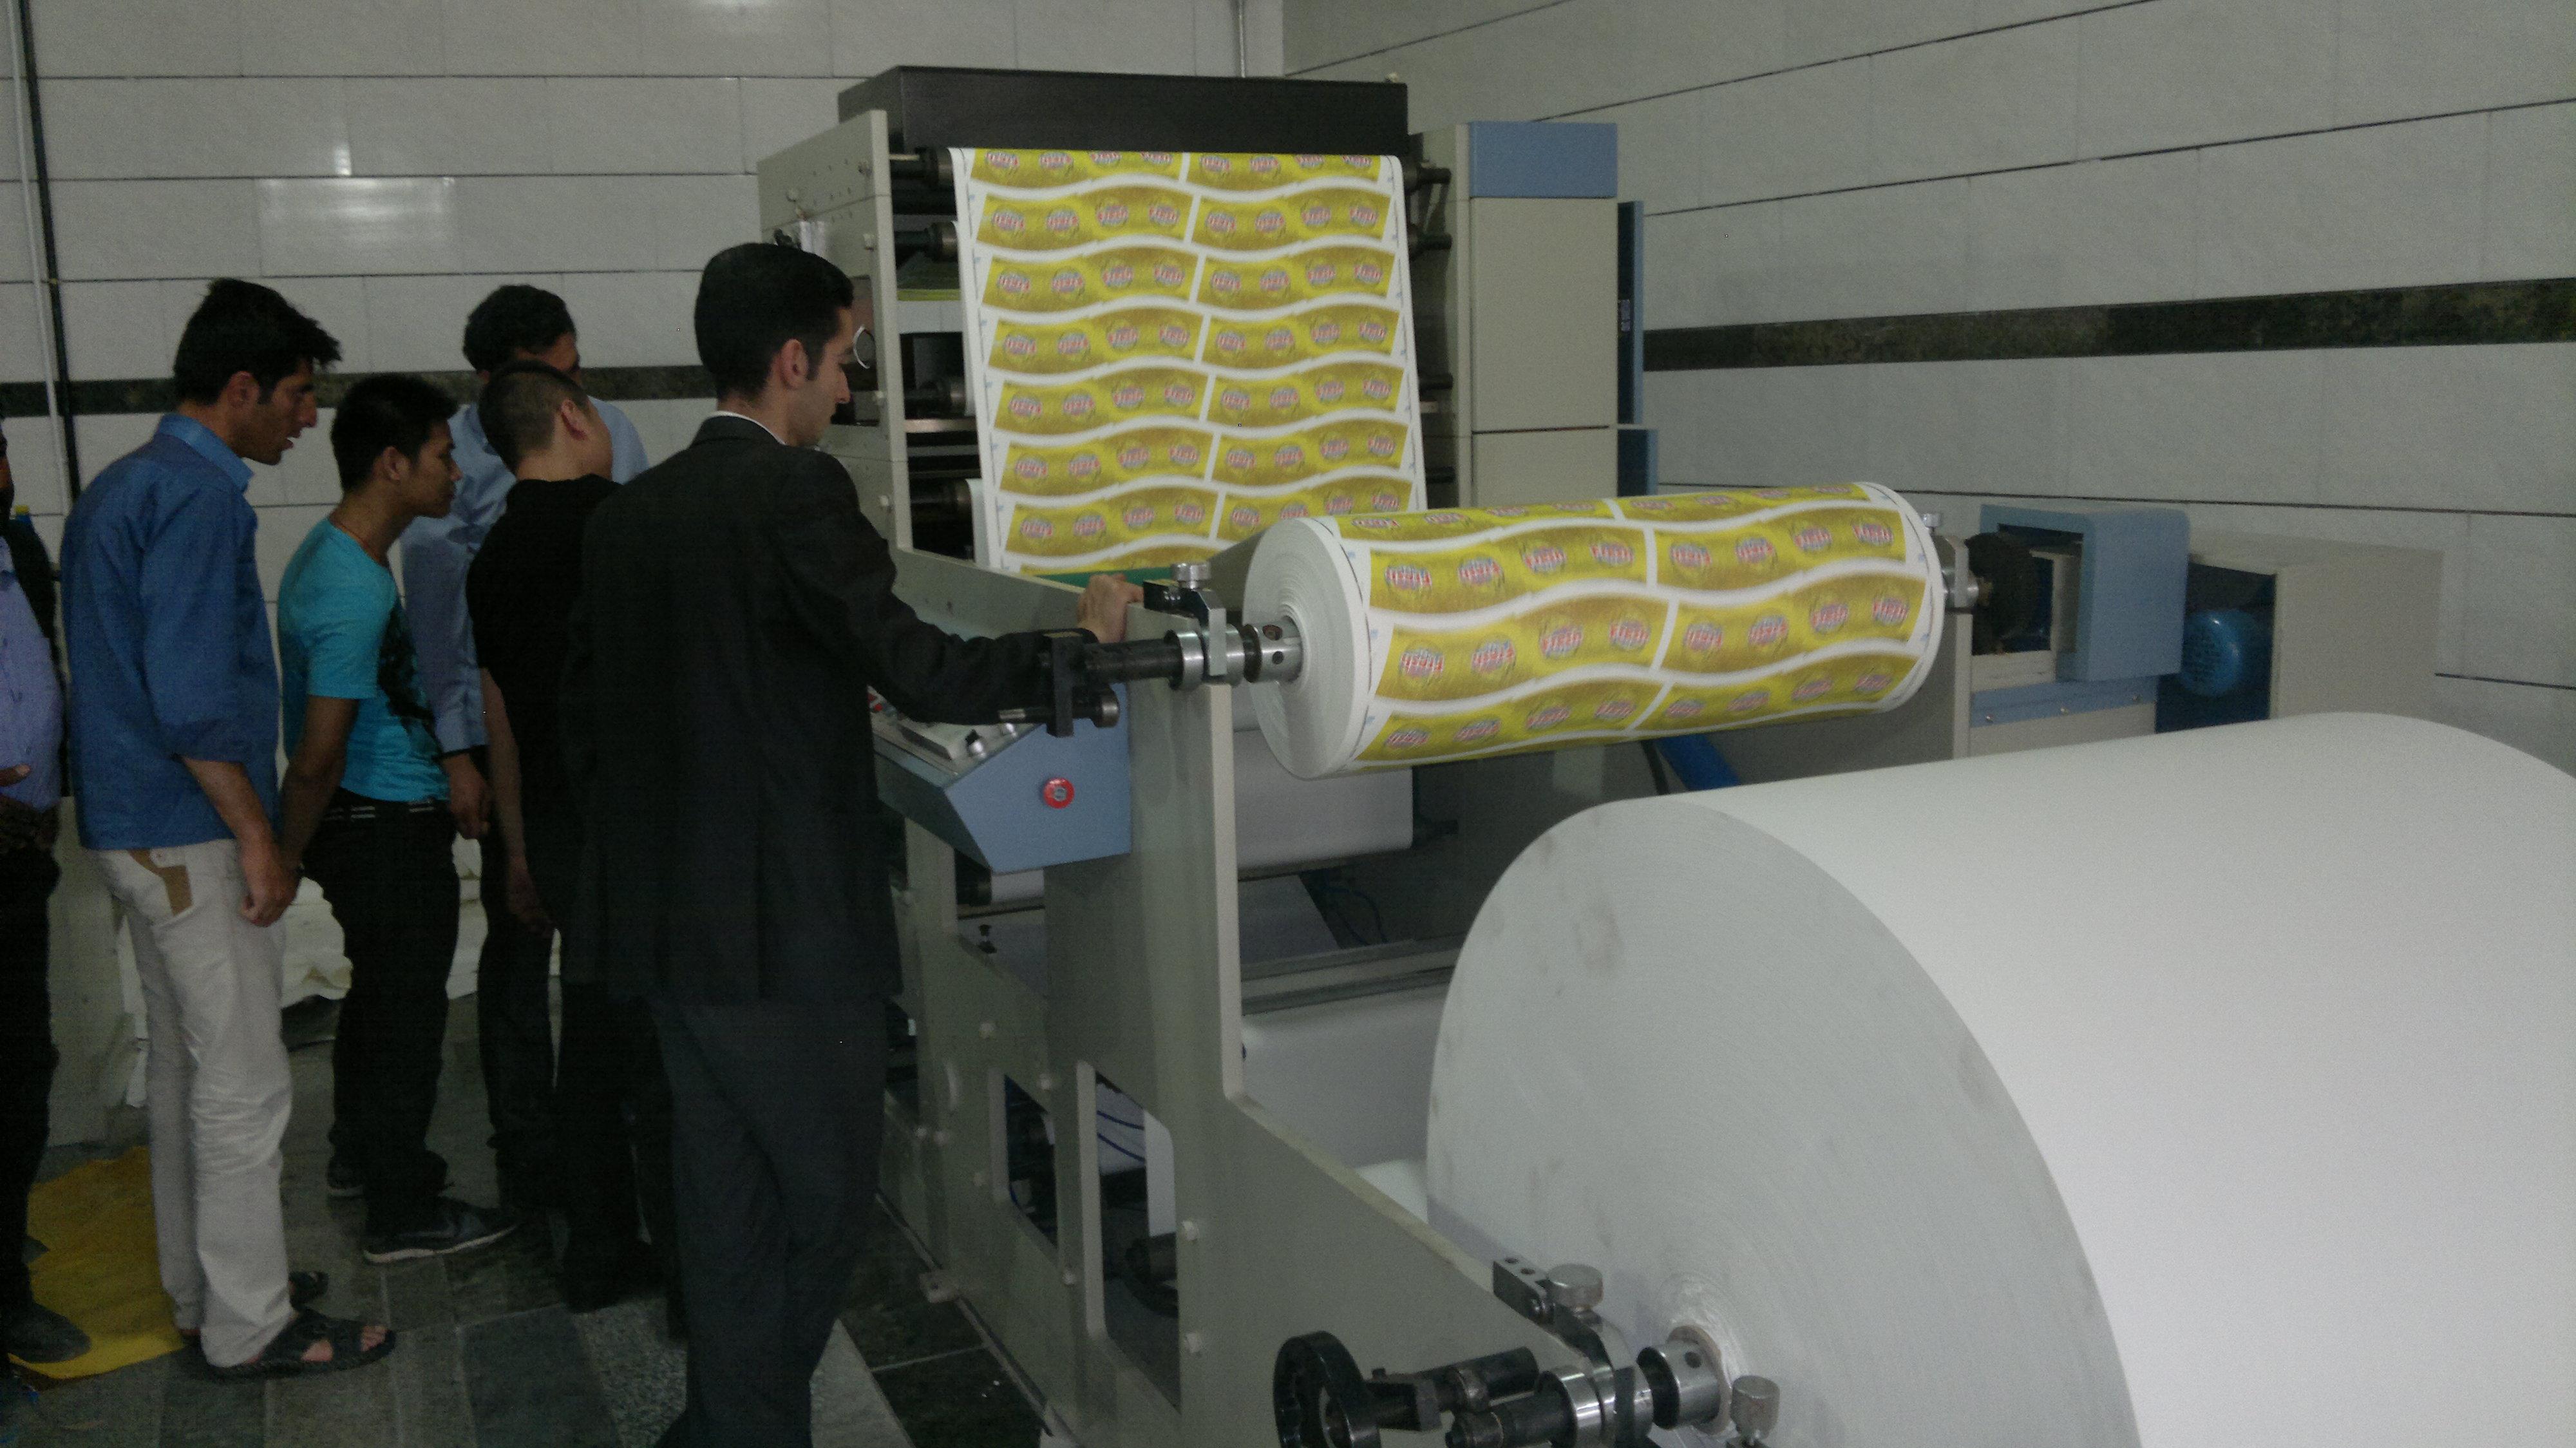 تجارت گستر ماشین | قیمت خط تولید ظروف یکبار مصرف کاغذی - تجارت ...دستگاه تجارت گستر ماشین | قیمت دستگاههای تولید لیوان کاغذی - تجارت گستر ماشین... دستگاه تولید ظروف یکبار مصرف ...